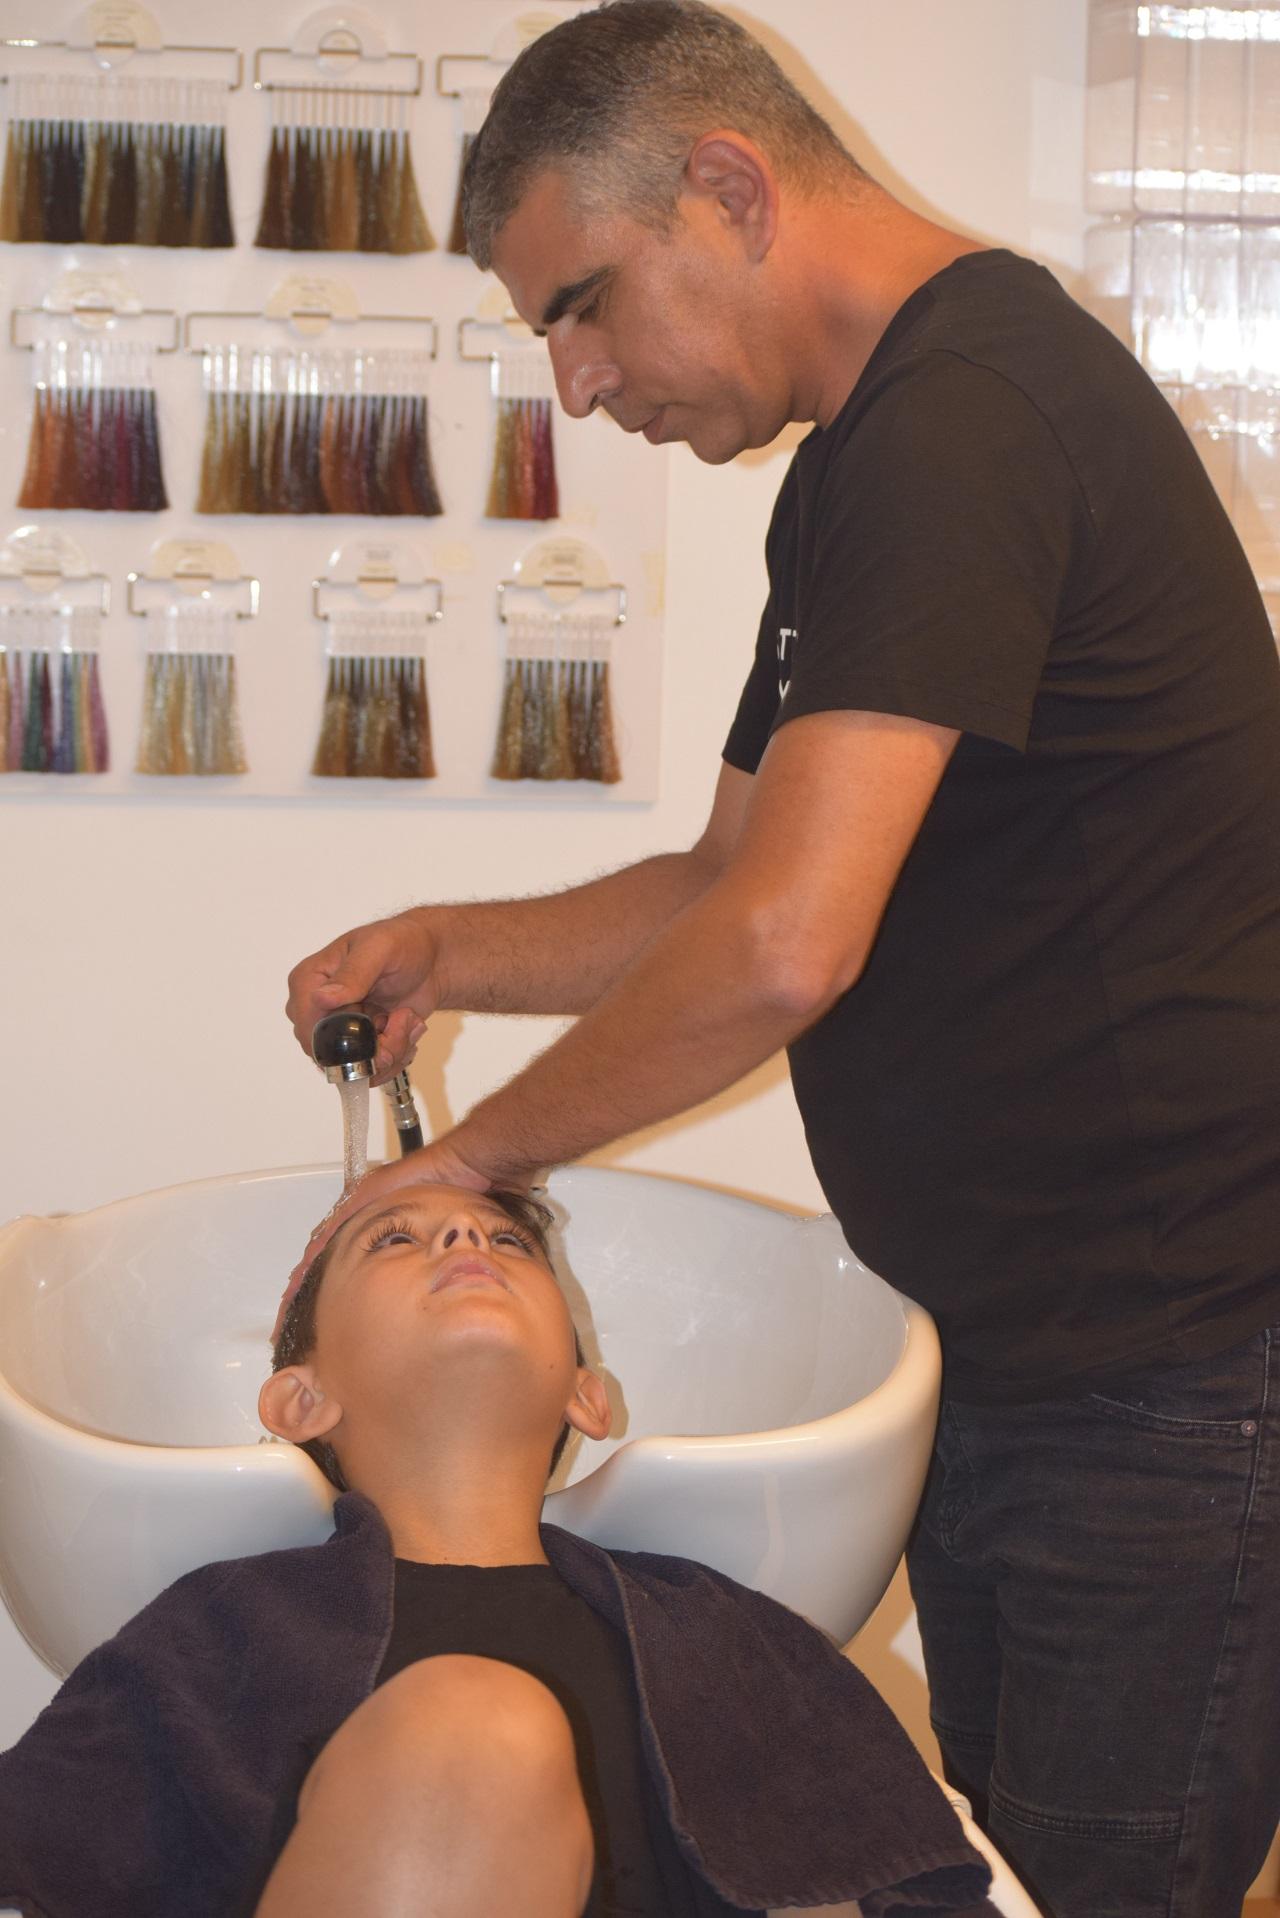 יגאל ביטון מדריך שוורצקופף פרופשיונל מעביר סמינר למעצבי שיער